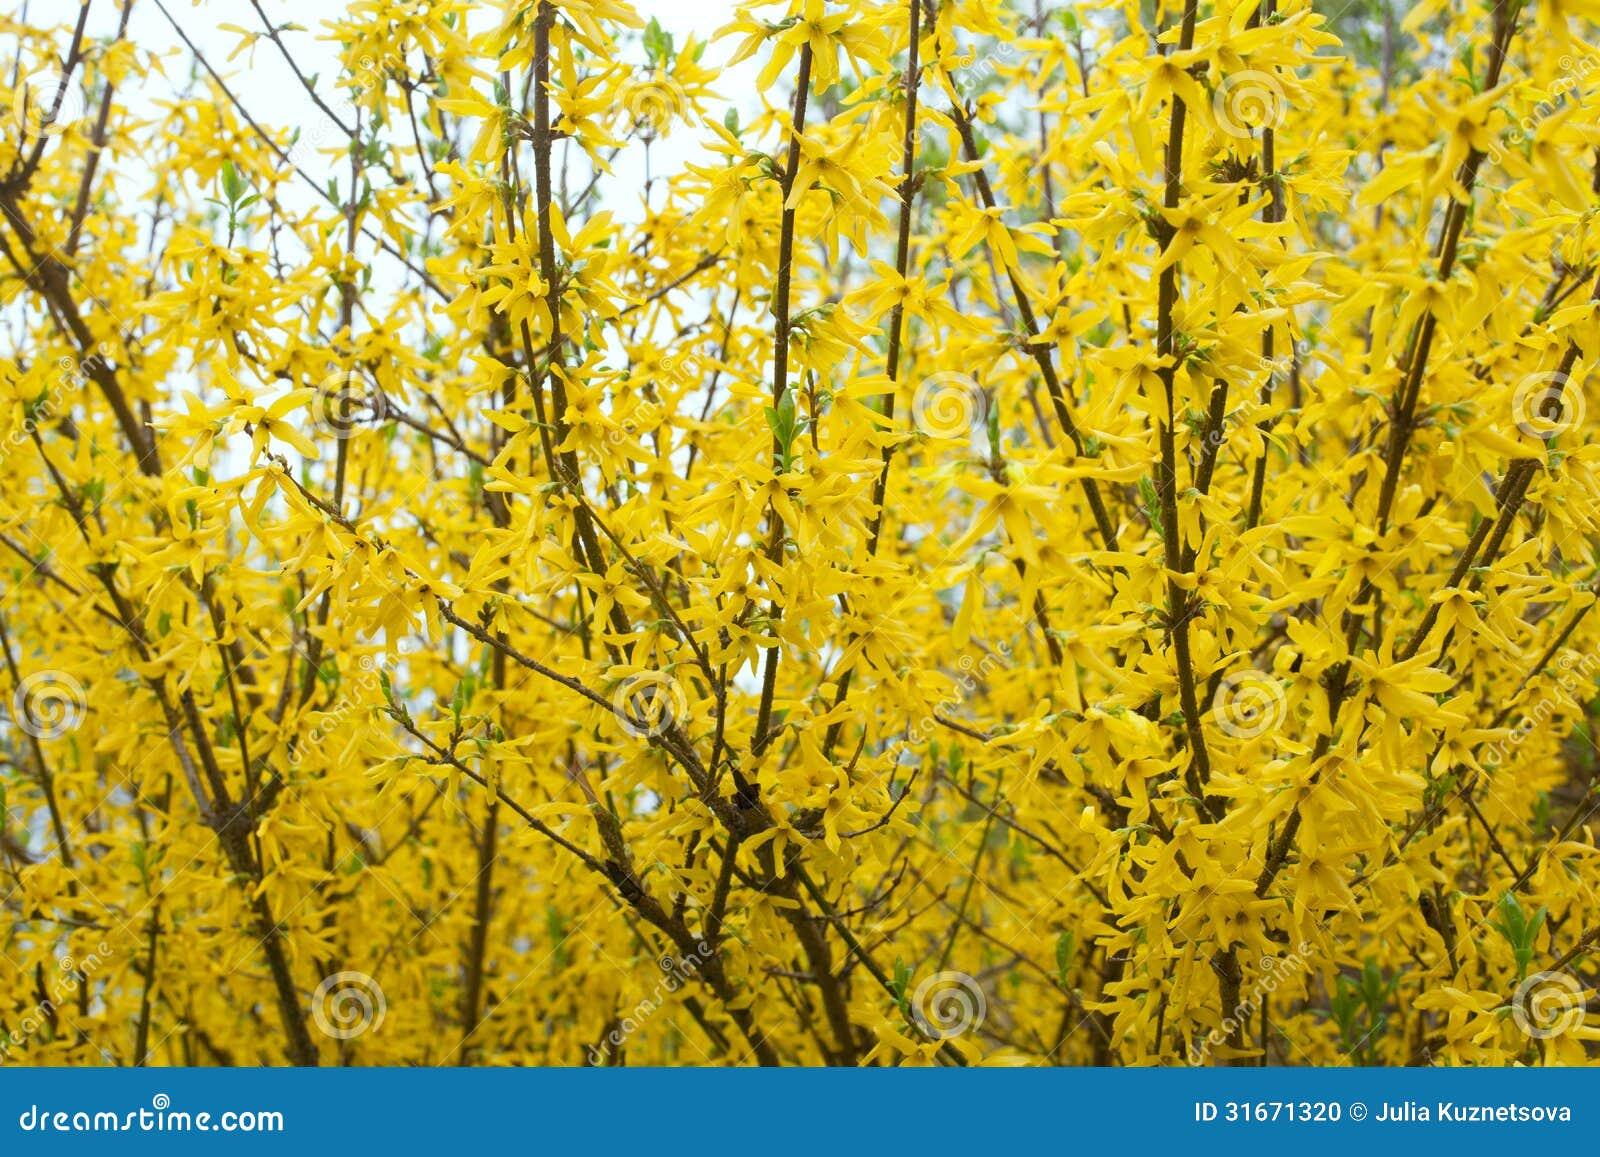 Cespugli gialli della fioritura della forsythia fotografia for Cespugli giardino